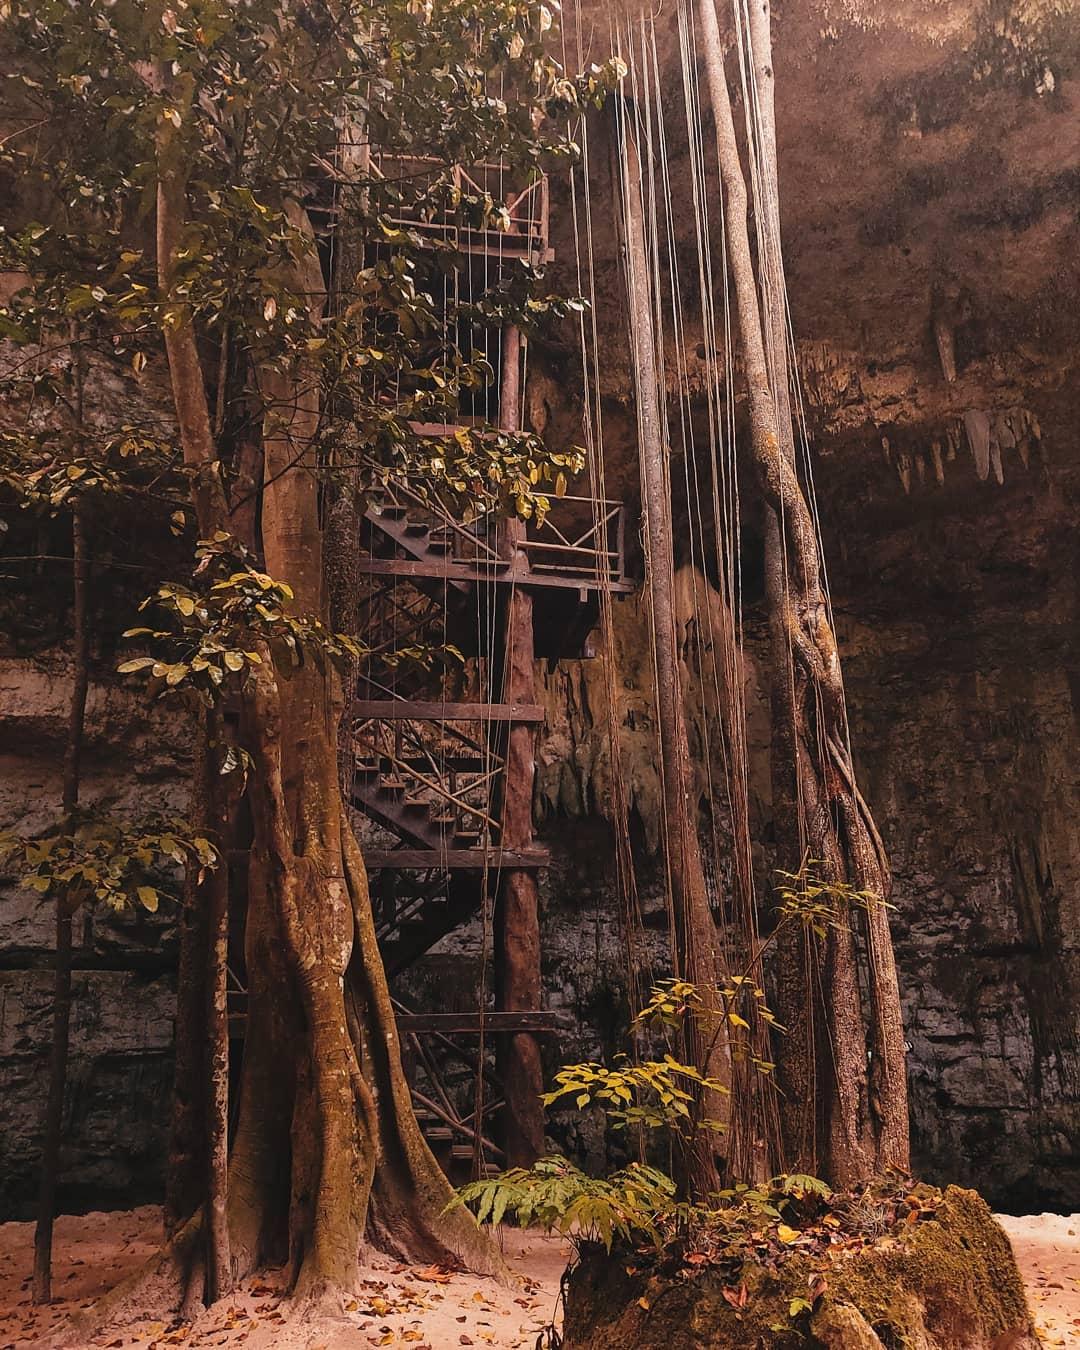 Cenote stairs